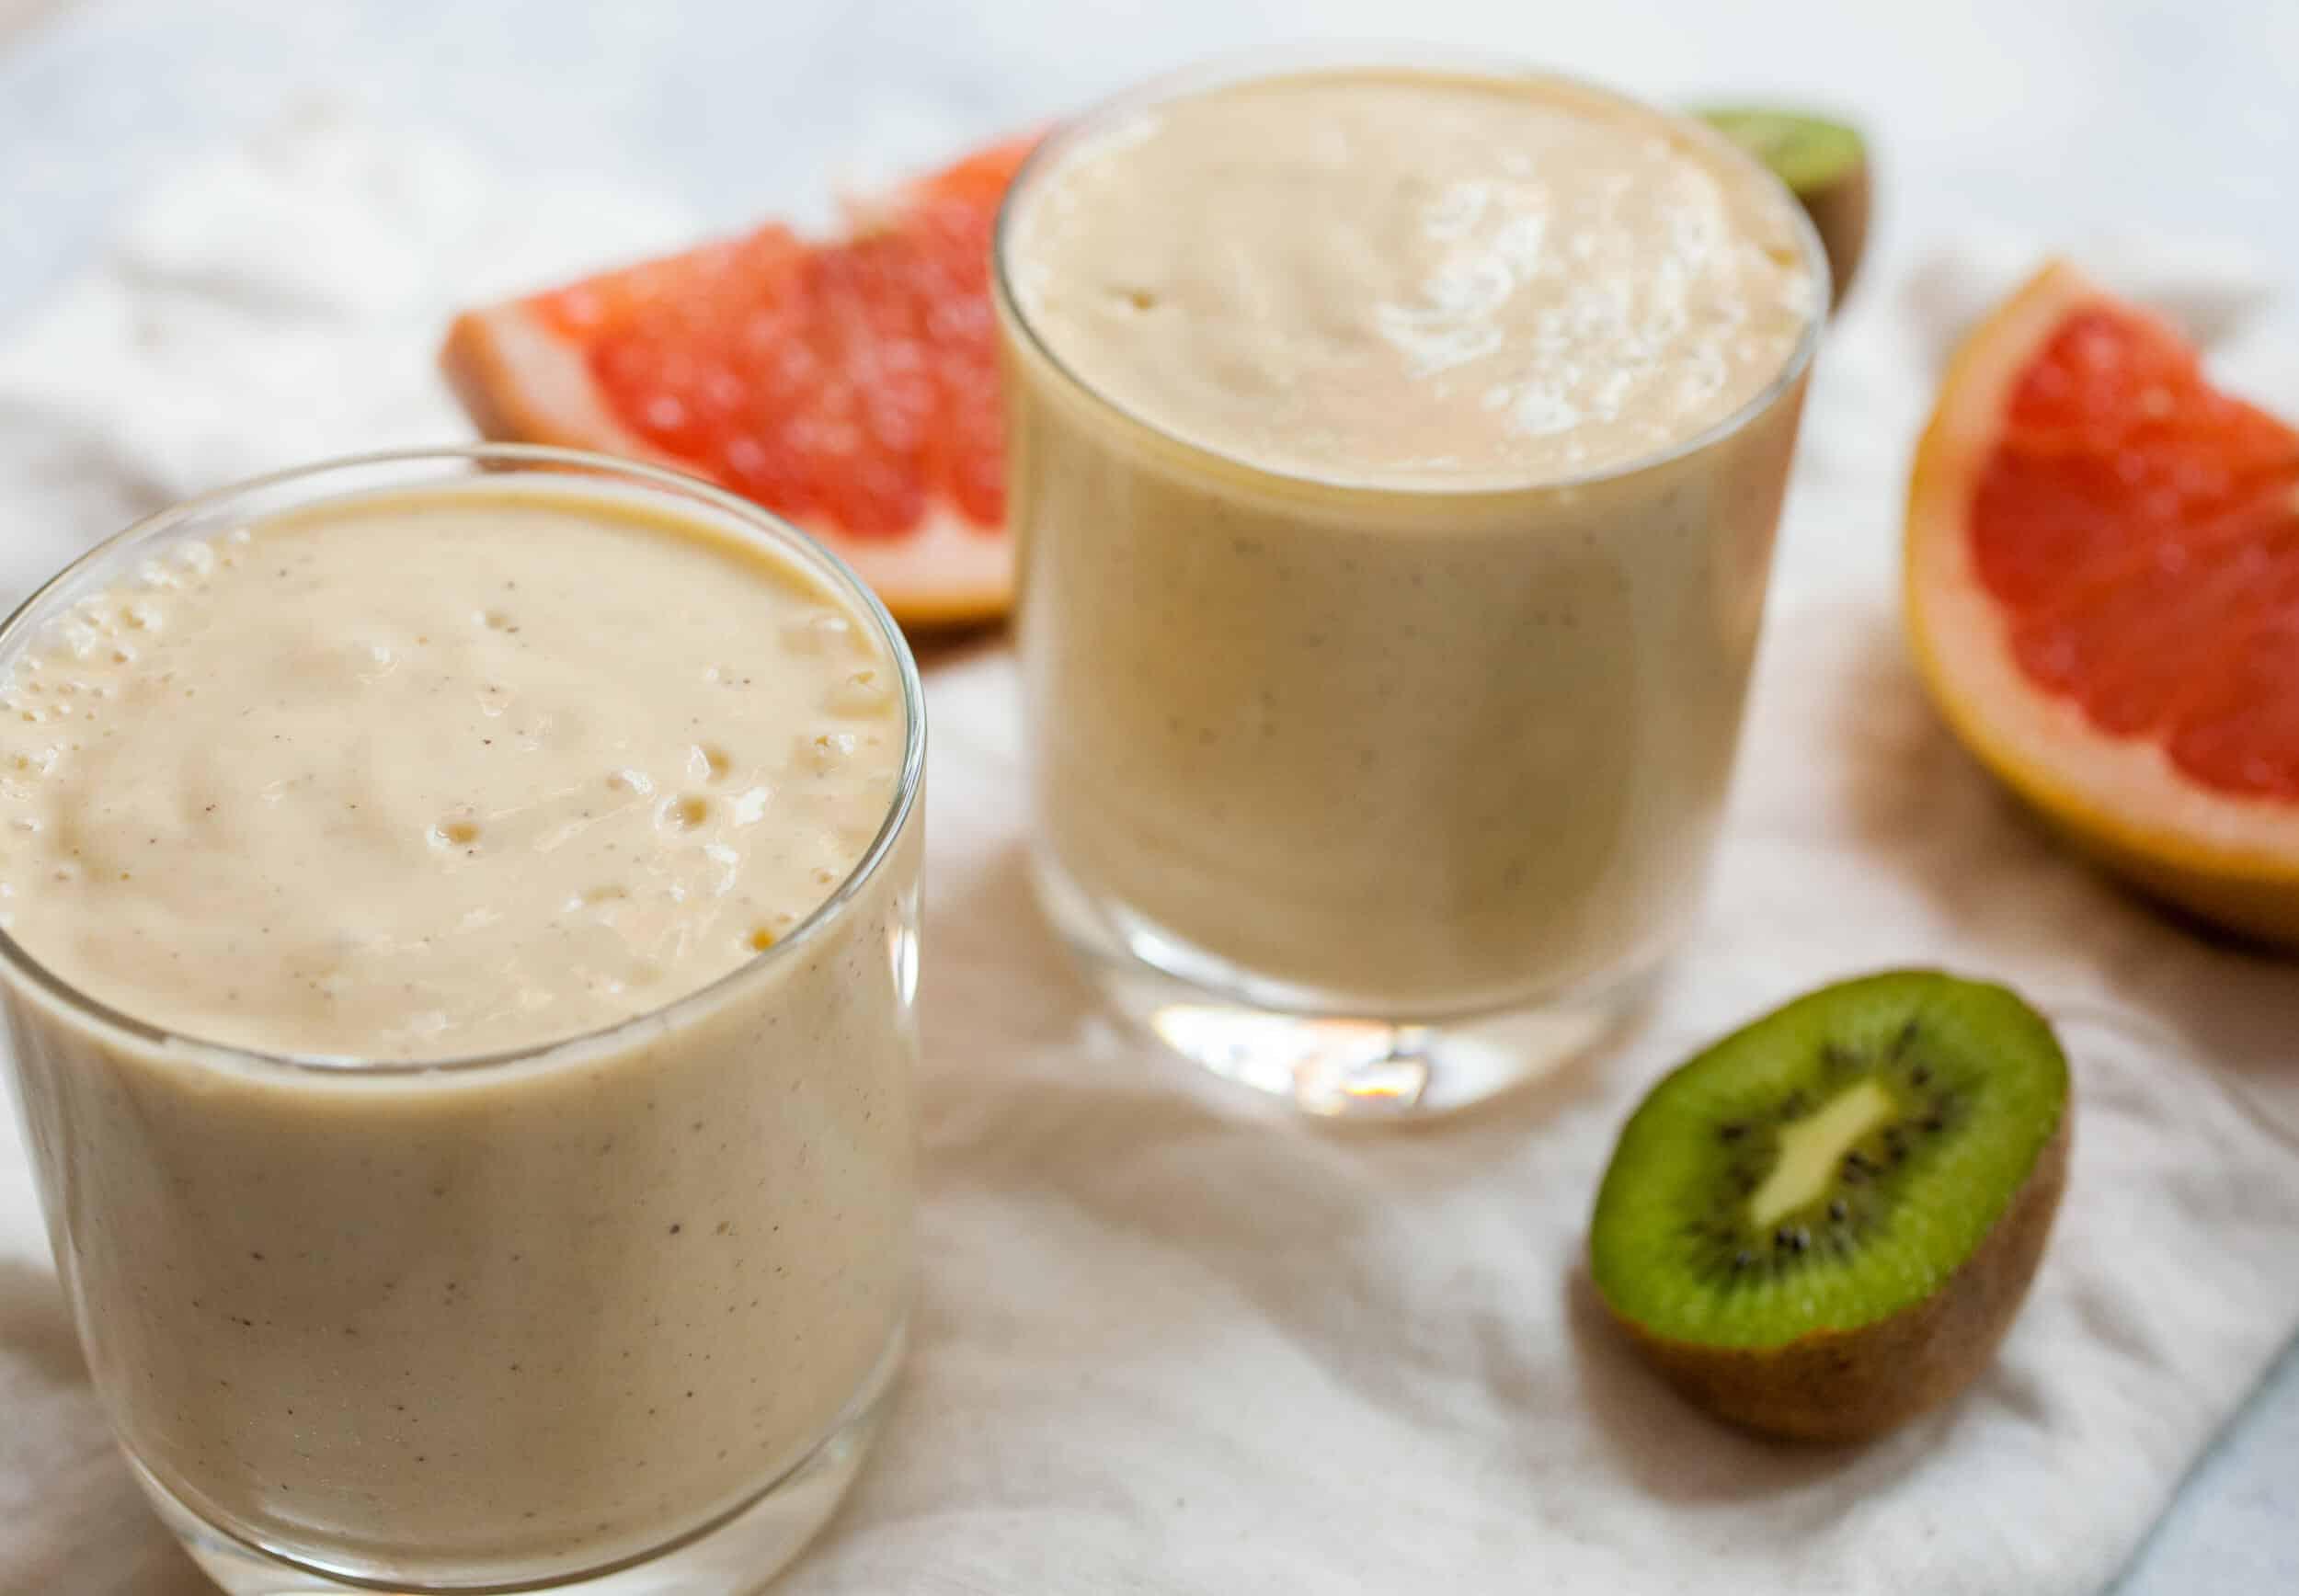 Healthy Winter Recipe - Citrus Smoothie